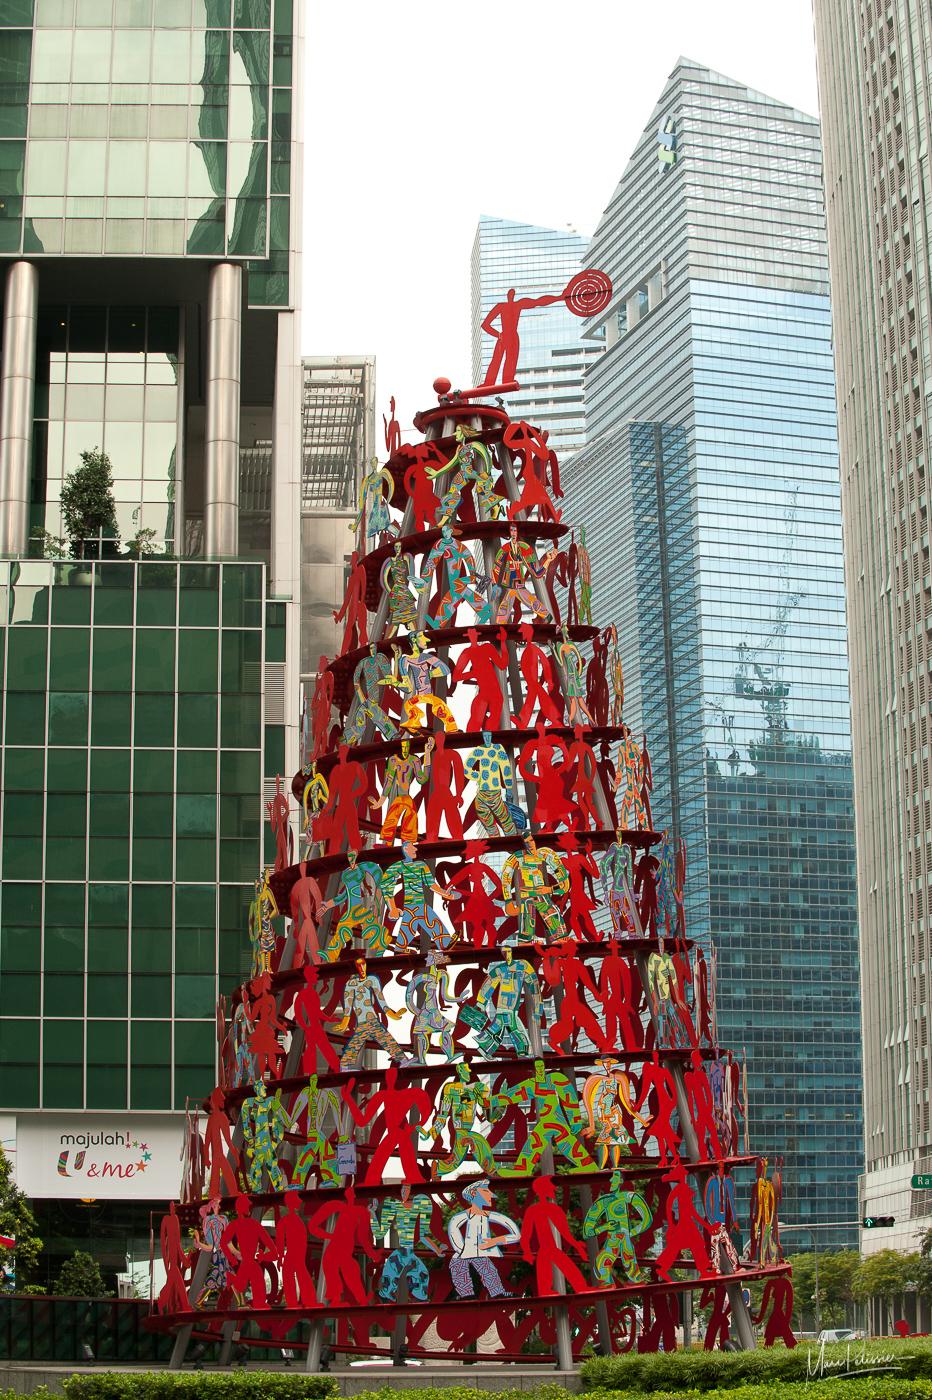 The people pyramid, Singapore